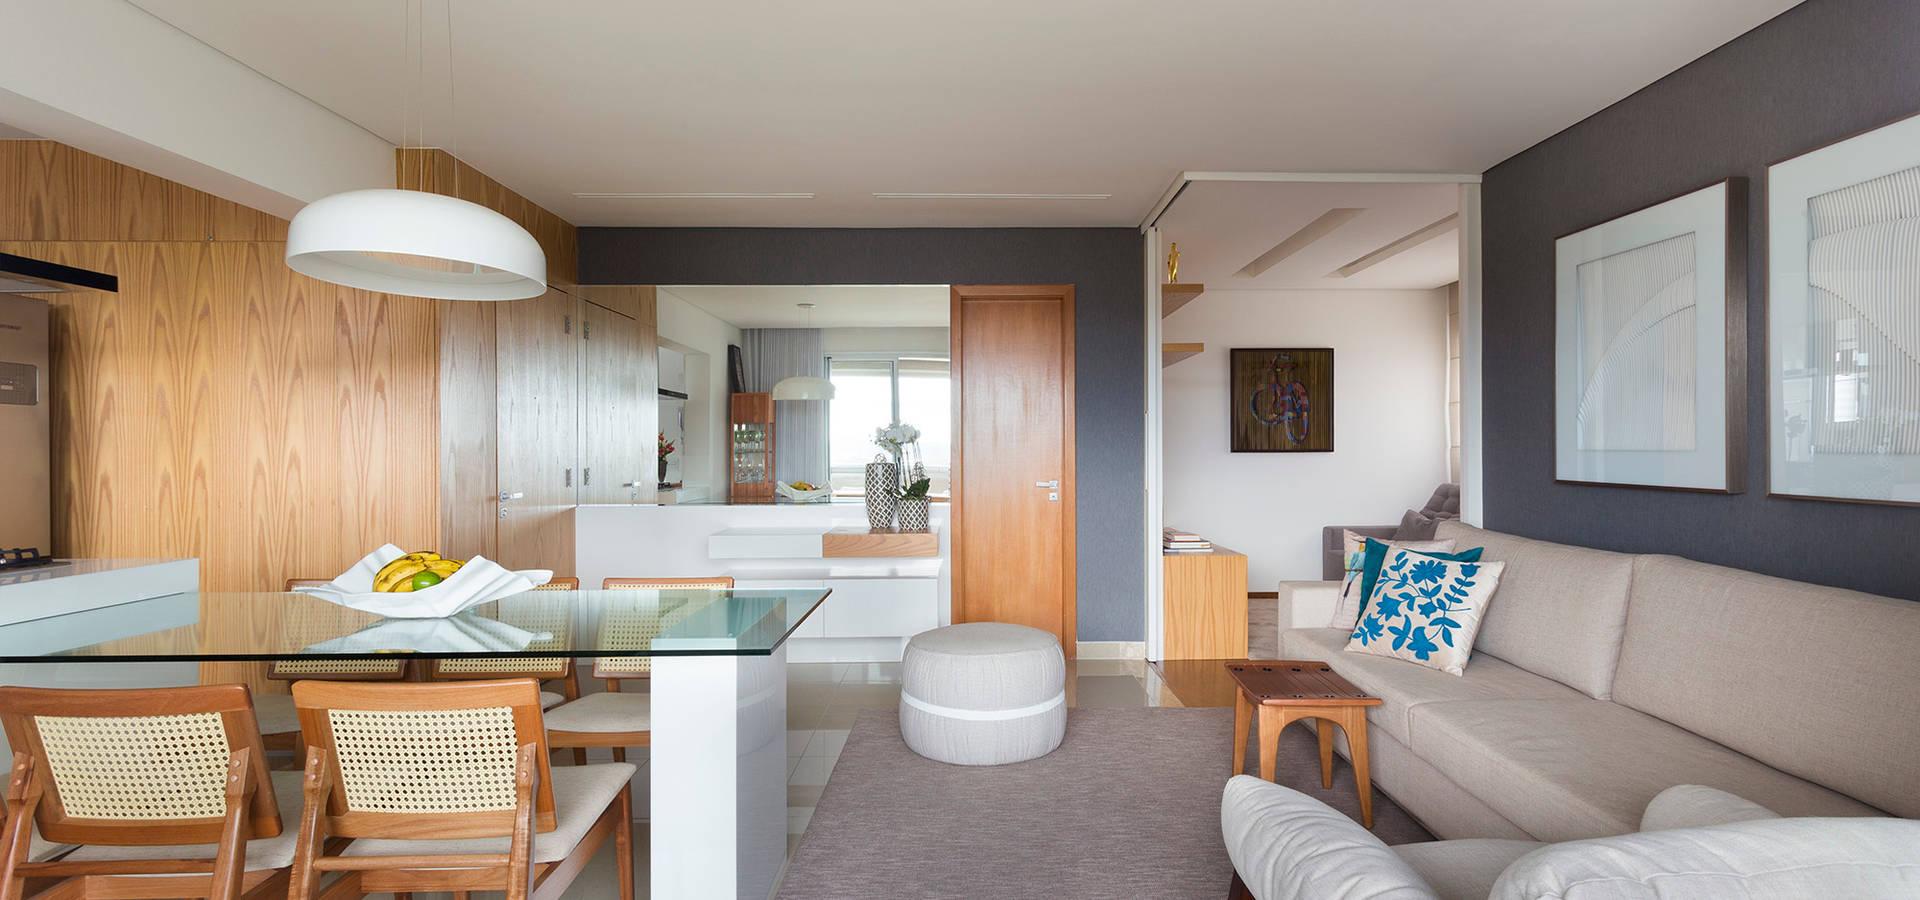 Haruf Arquitetura + Design